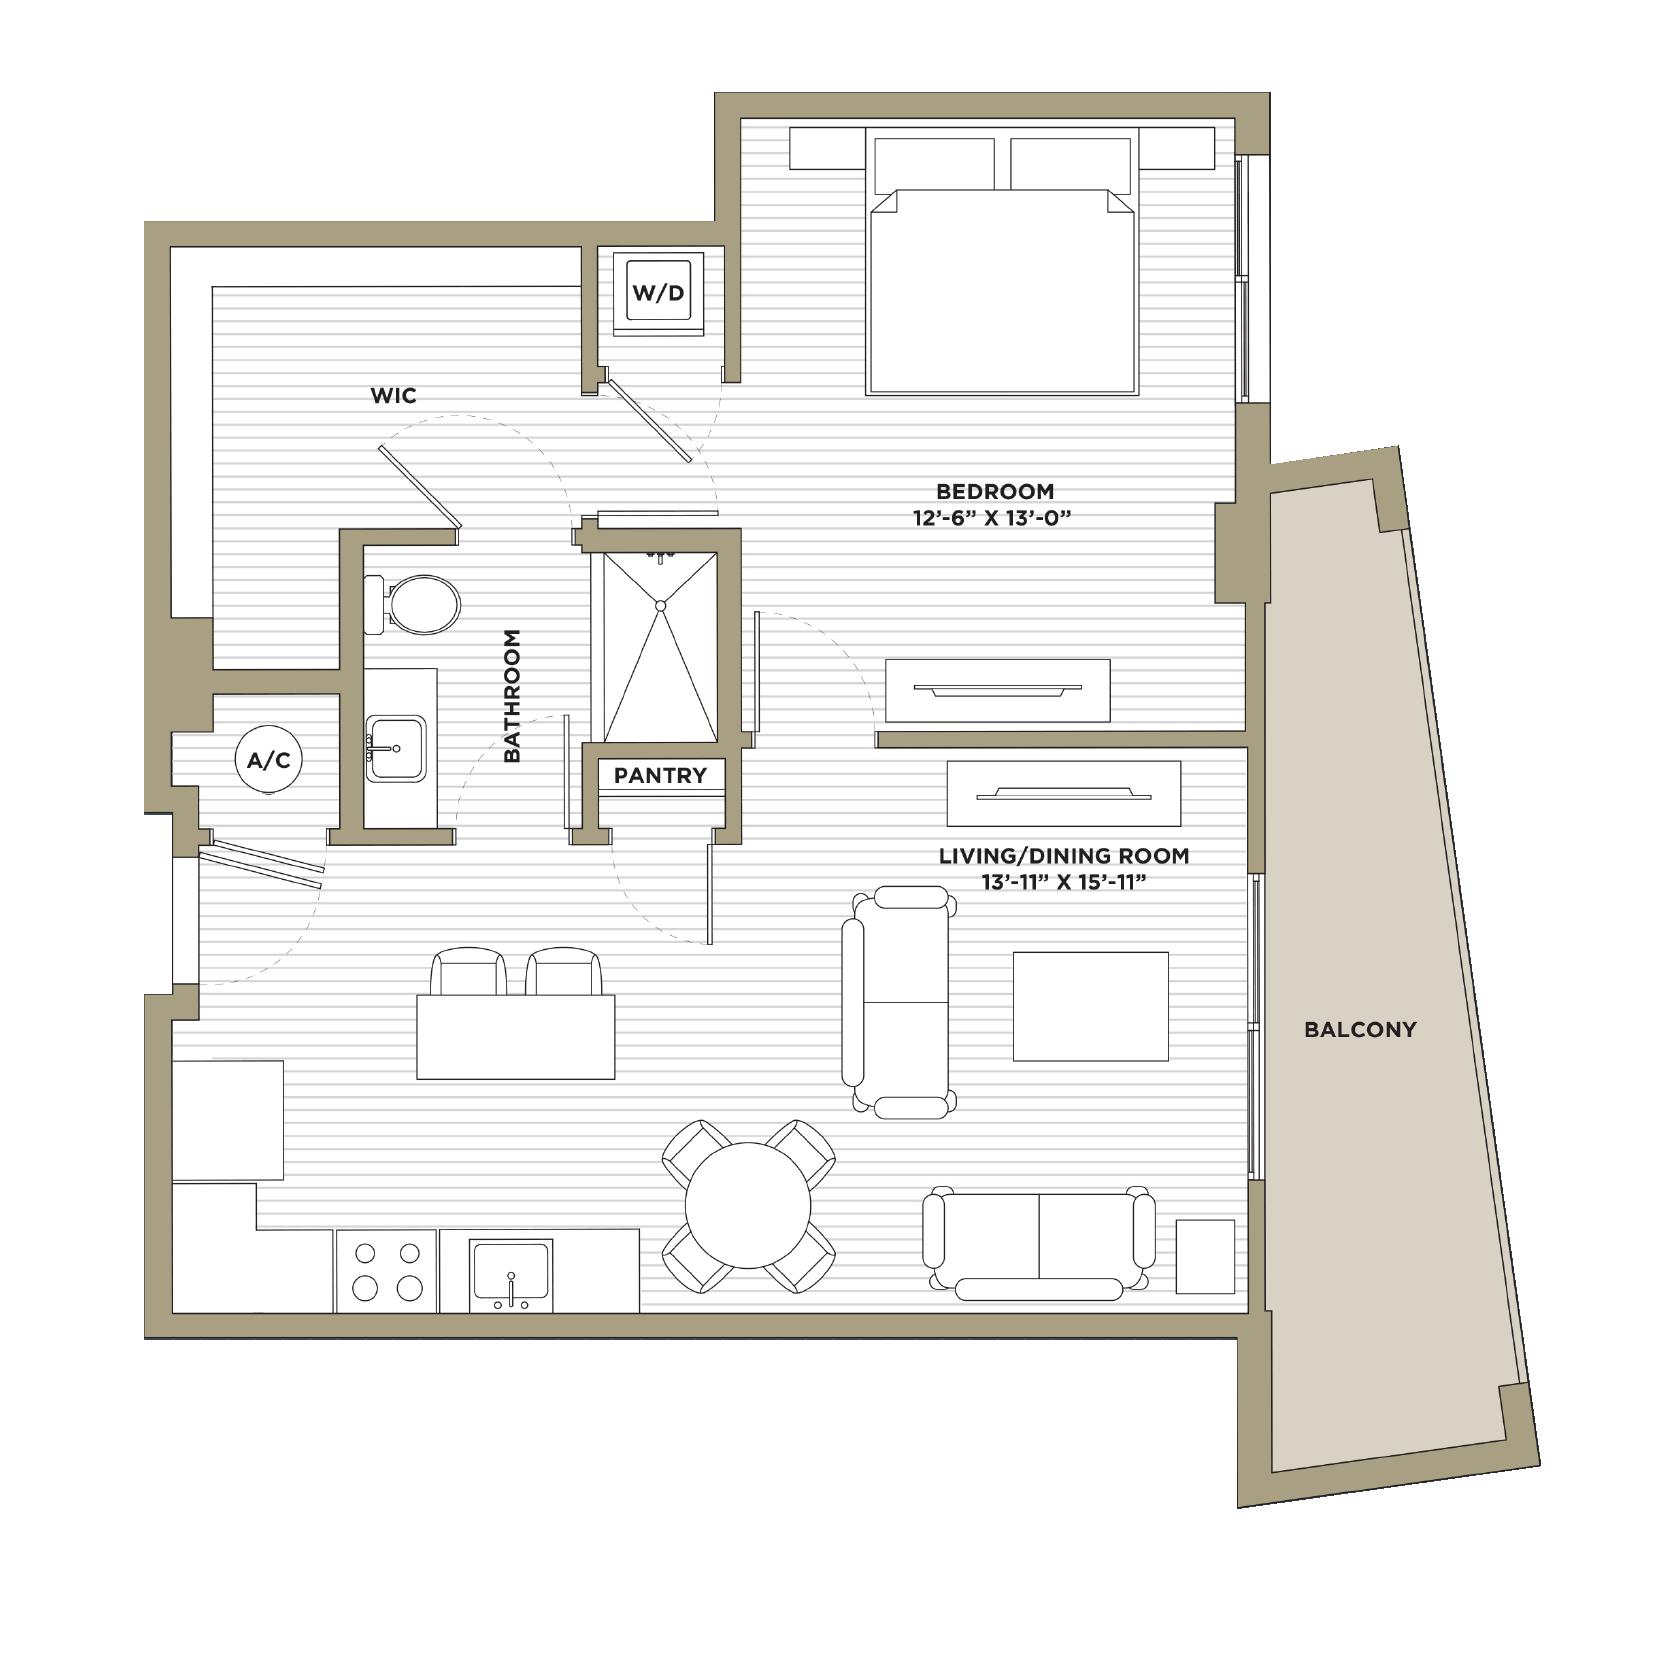 A15 - 1 Bedroom / 1 Bathroom811 sq. ft.